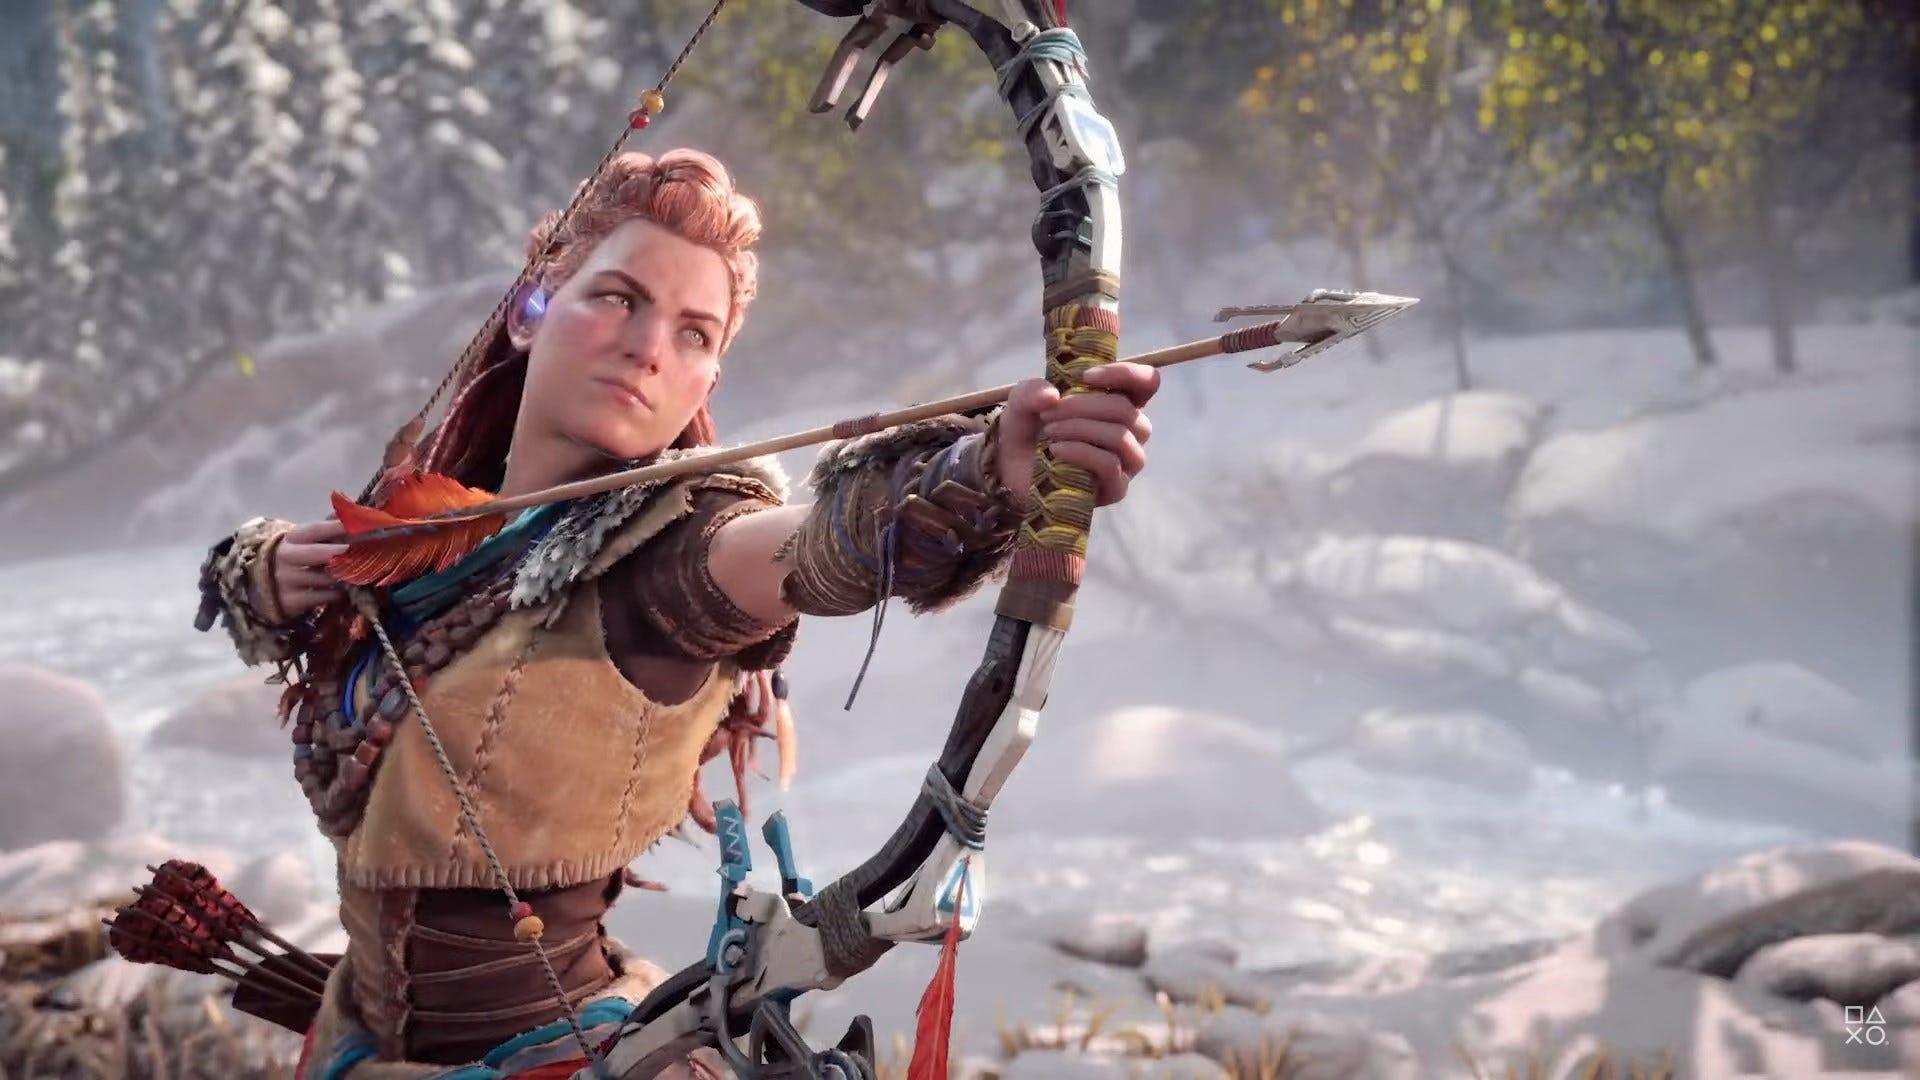 Aloy from 'Horizon Forbidden West' firing an arrow.